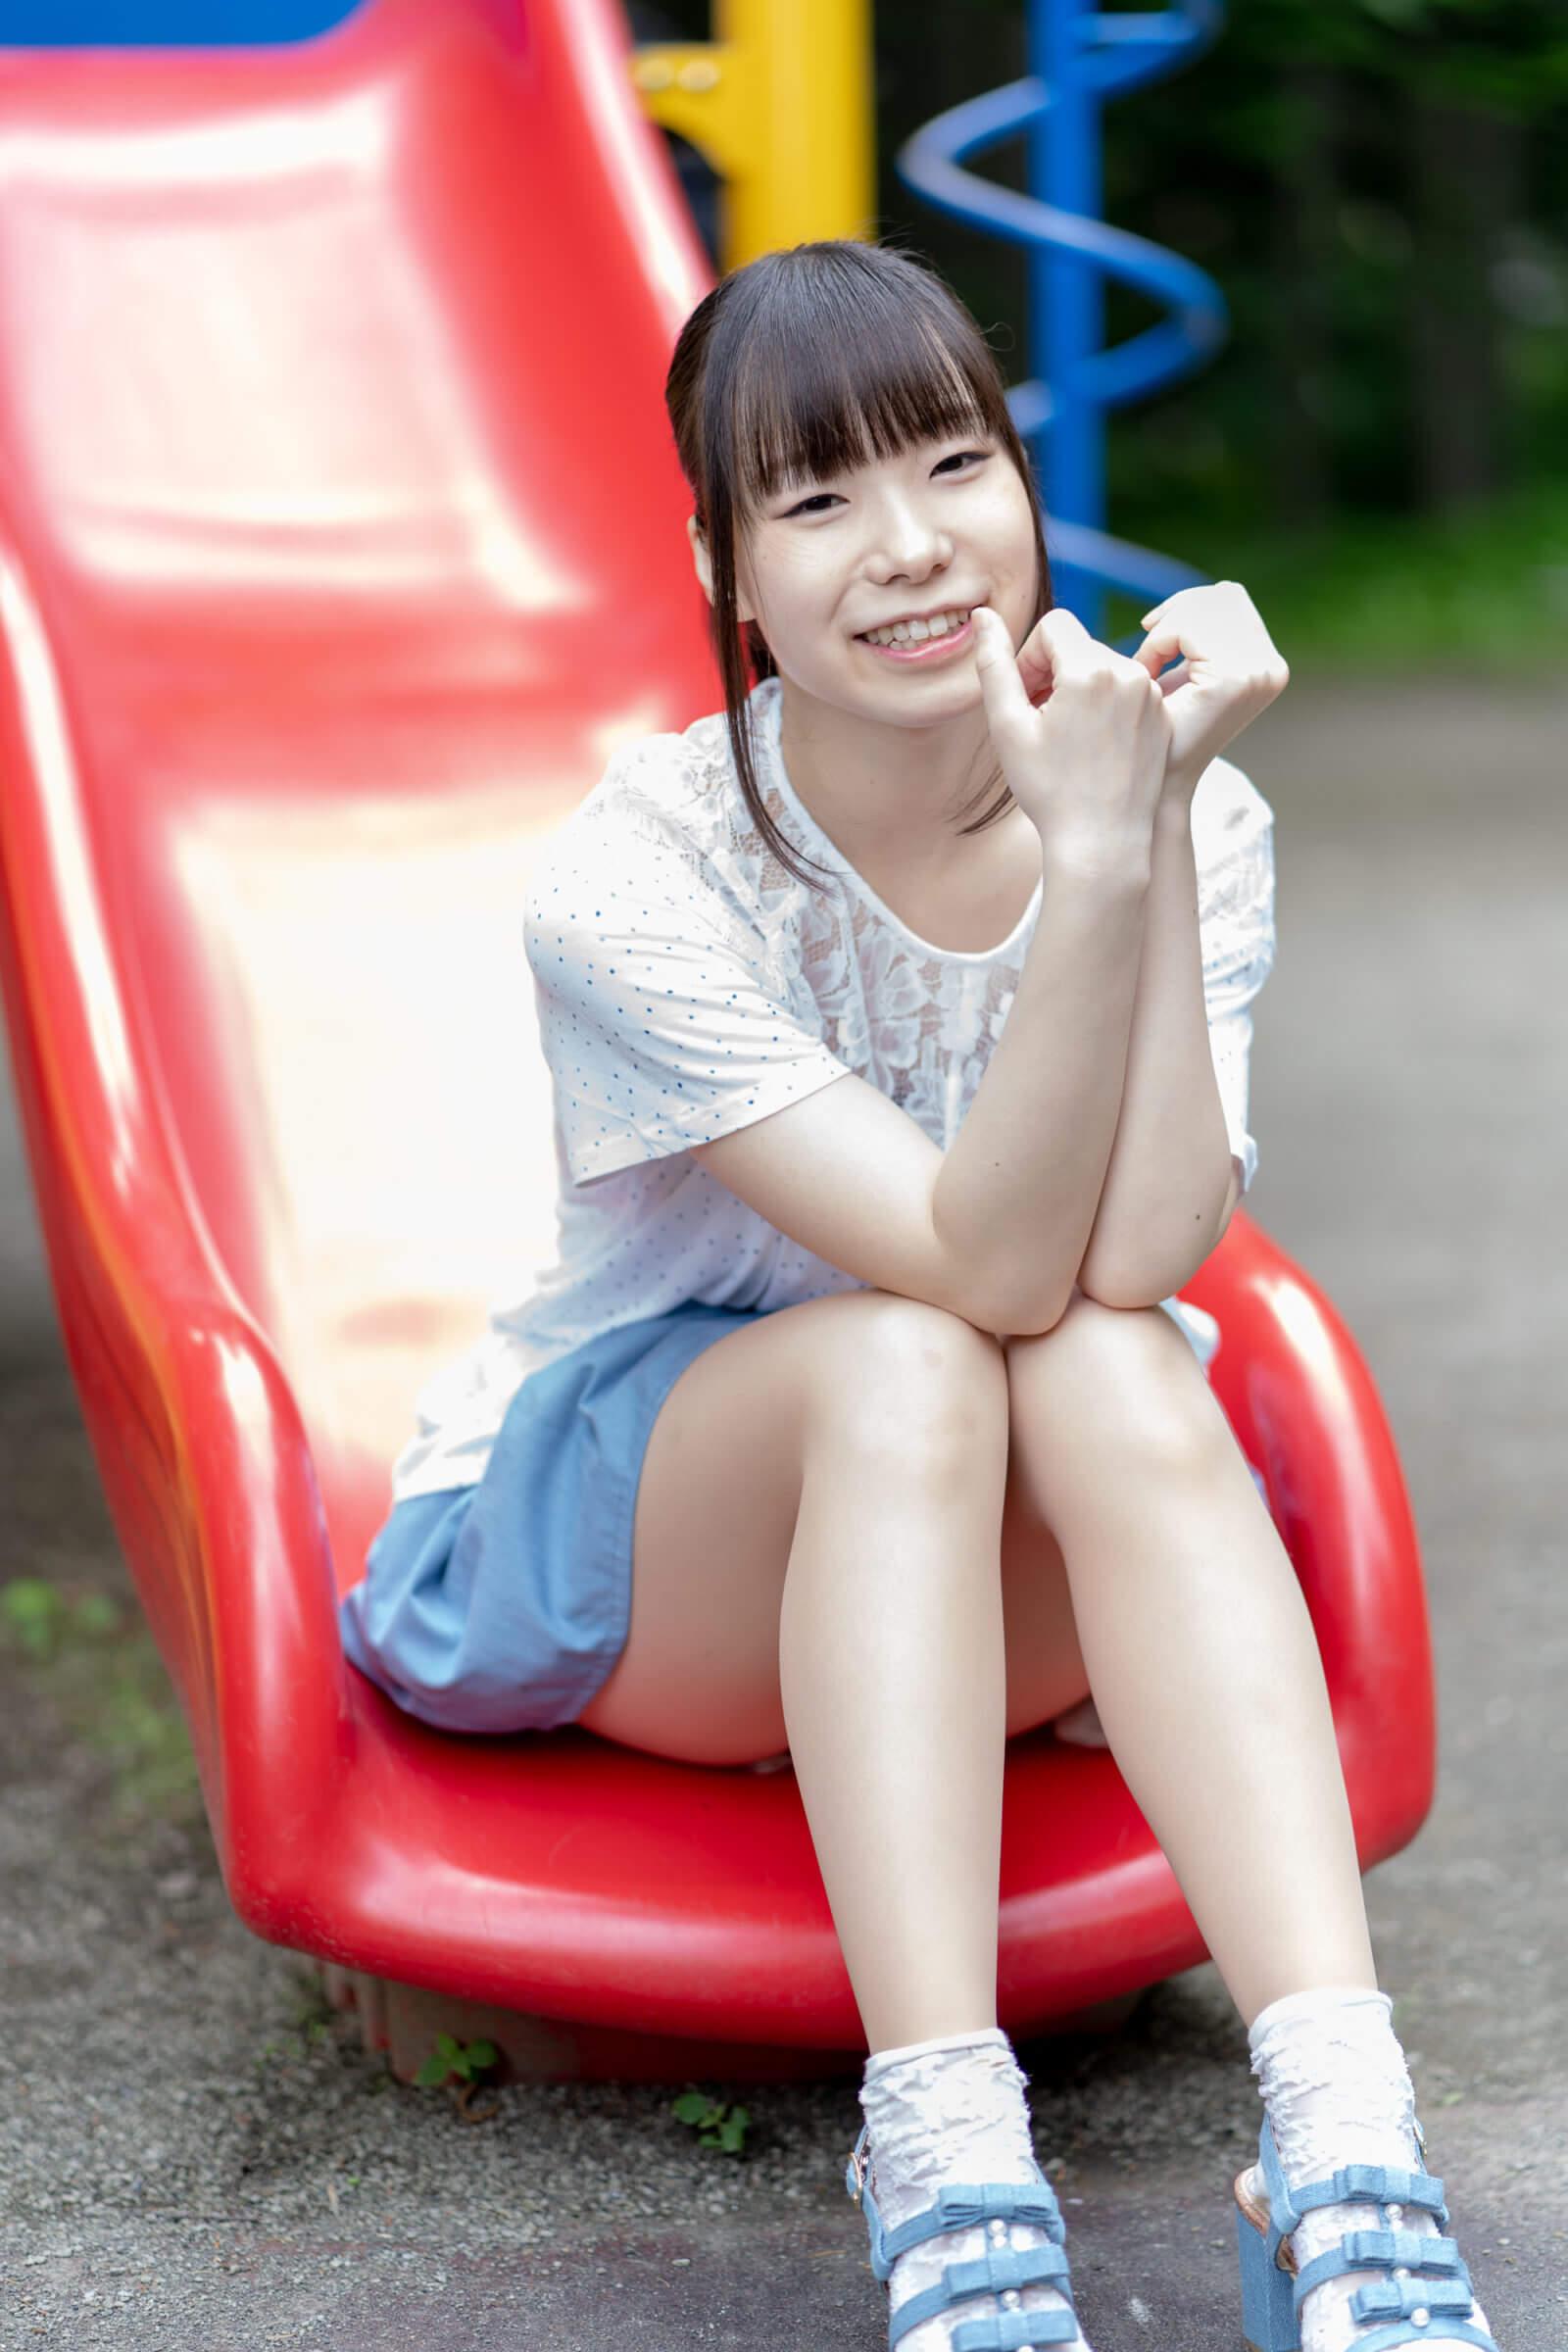 2代目HAPPY少女♪ やよたん ( 鈴木やよい ) | モデルプロ撮影会